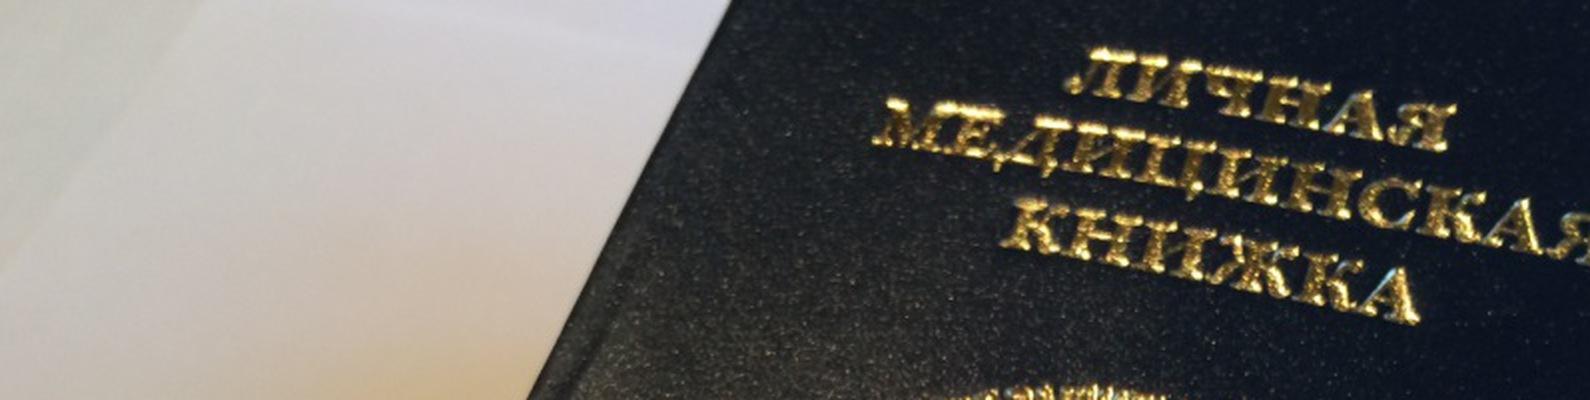 Медицинская книжка официально сделать Химки официально